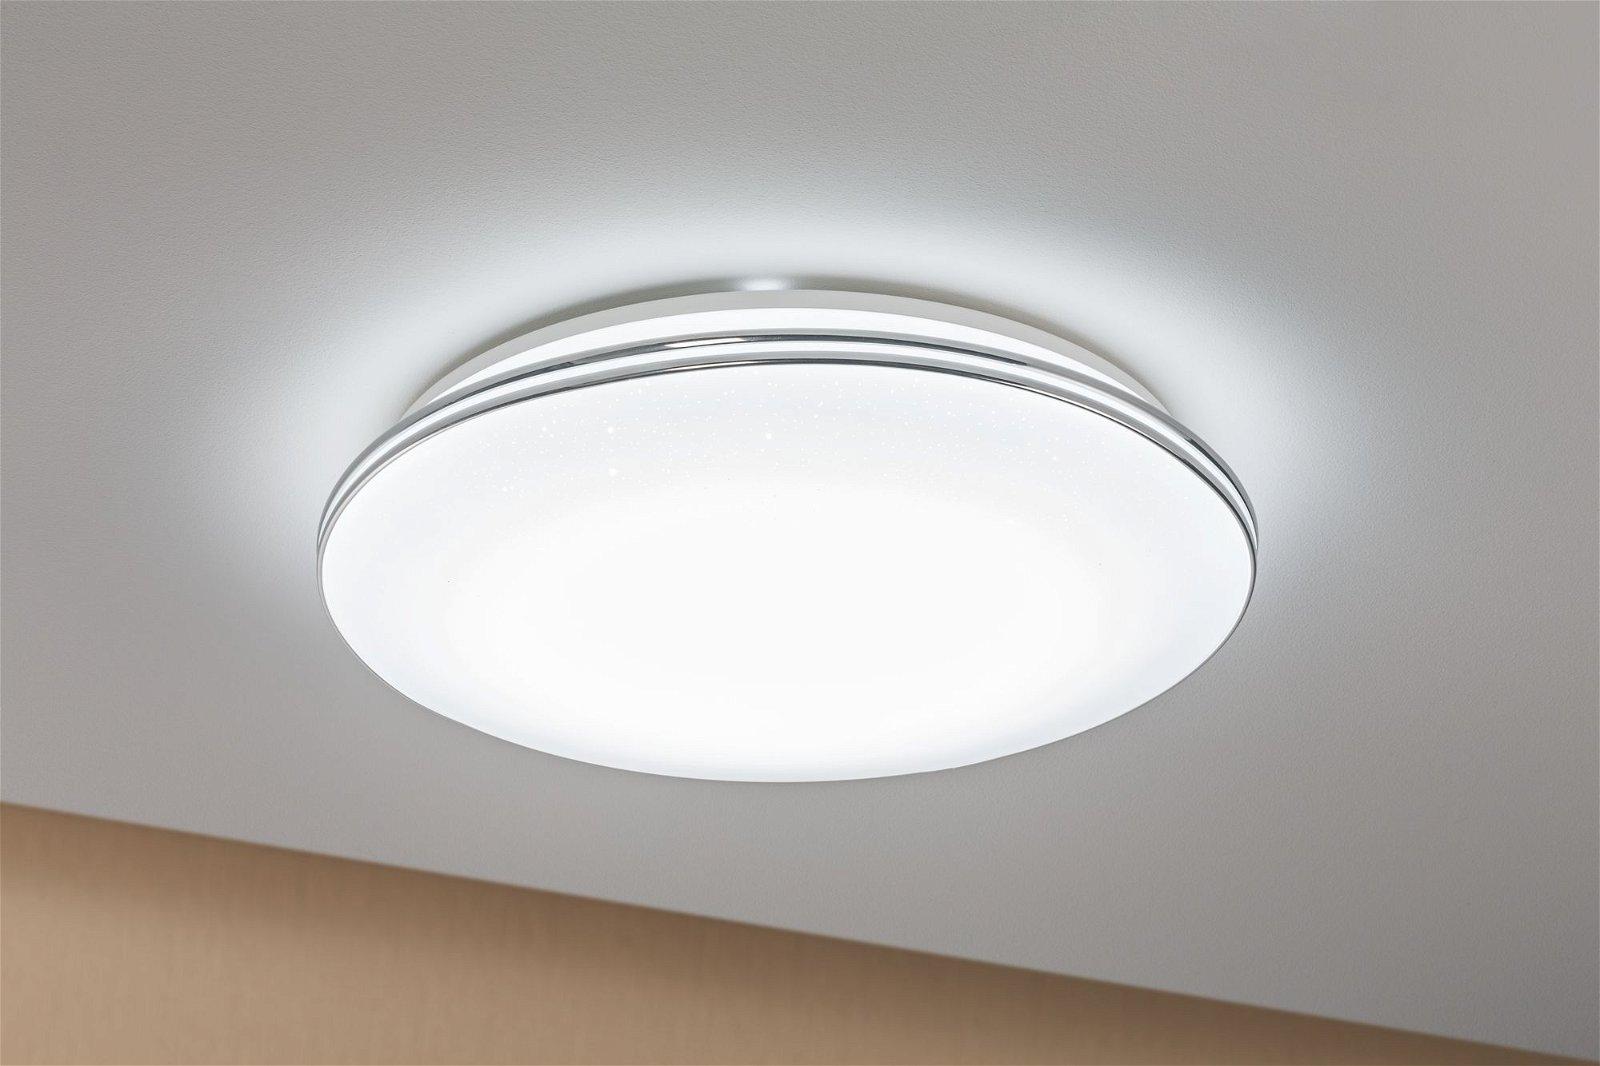 LED Deckenleuchte Costella White Switch 2000lm 230V 22W Weiß